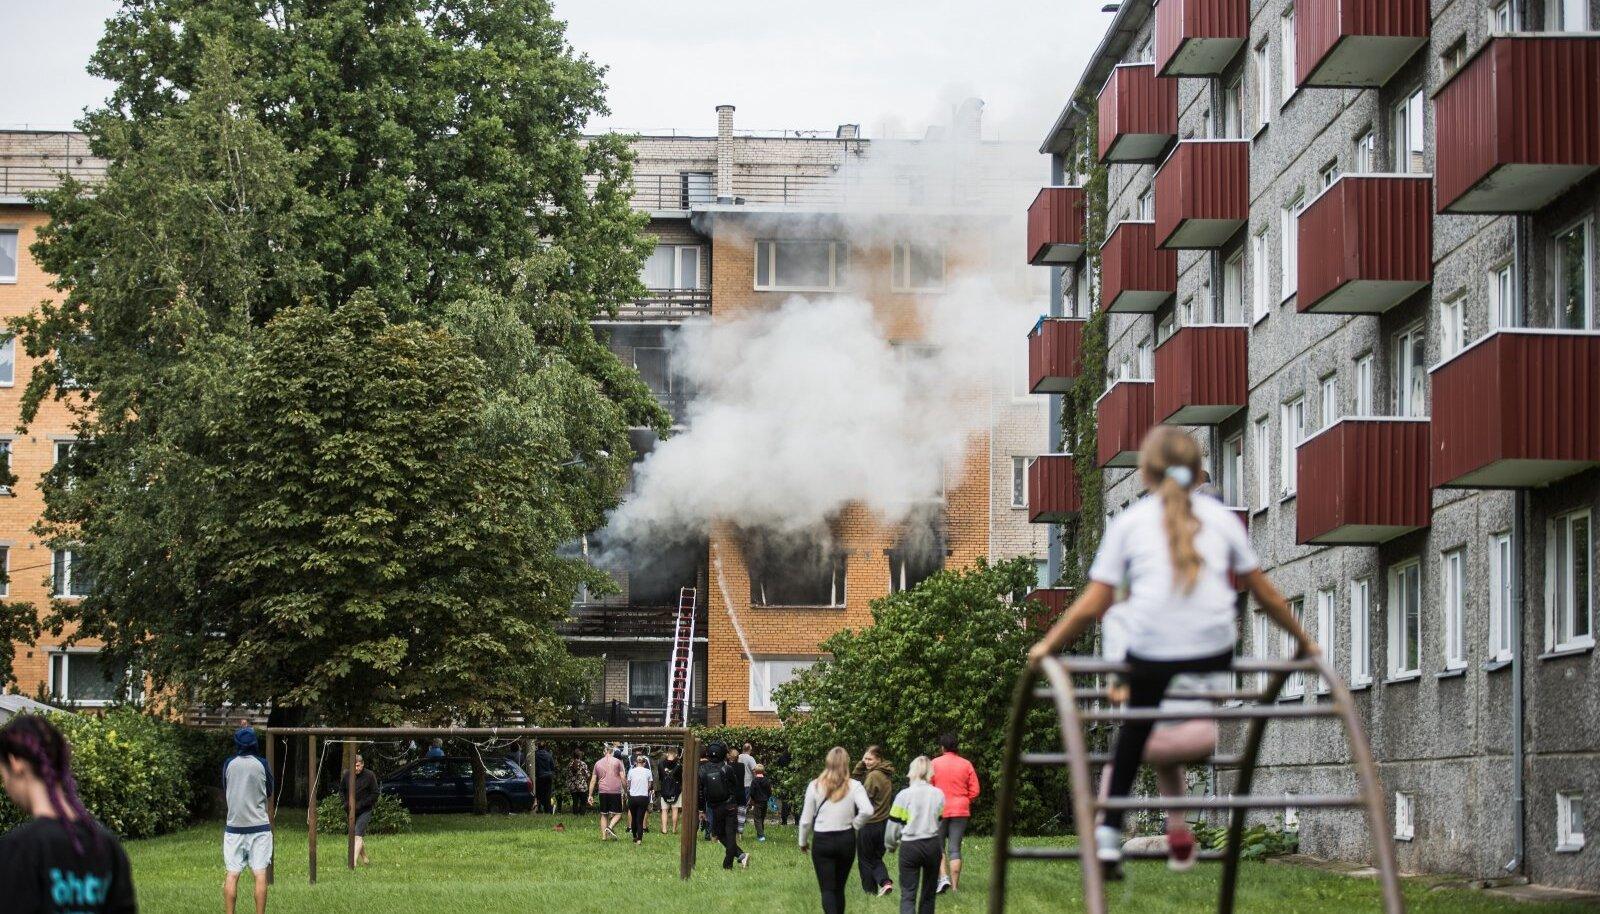 Tartus aadressil Jaama 77 toimunud plahvatuses sai kokku kannatada üheksa inimest. Ilmselt tahtlikult plahvatuse korraldanud mees hukkus, mitu operatiivtöötajat on endiselt raskes seisundis.